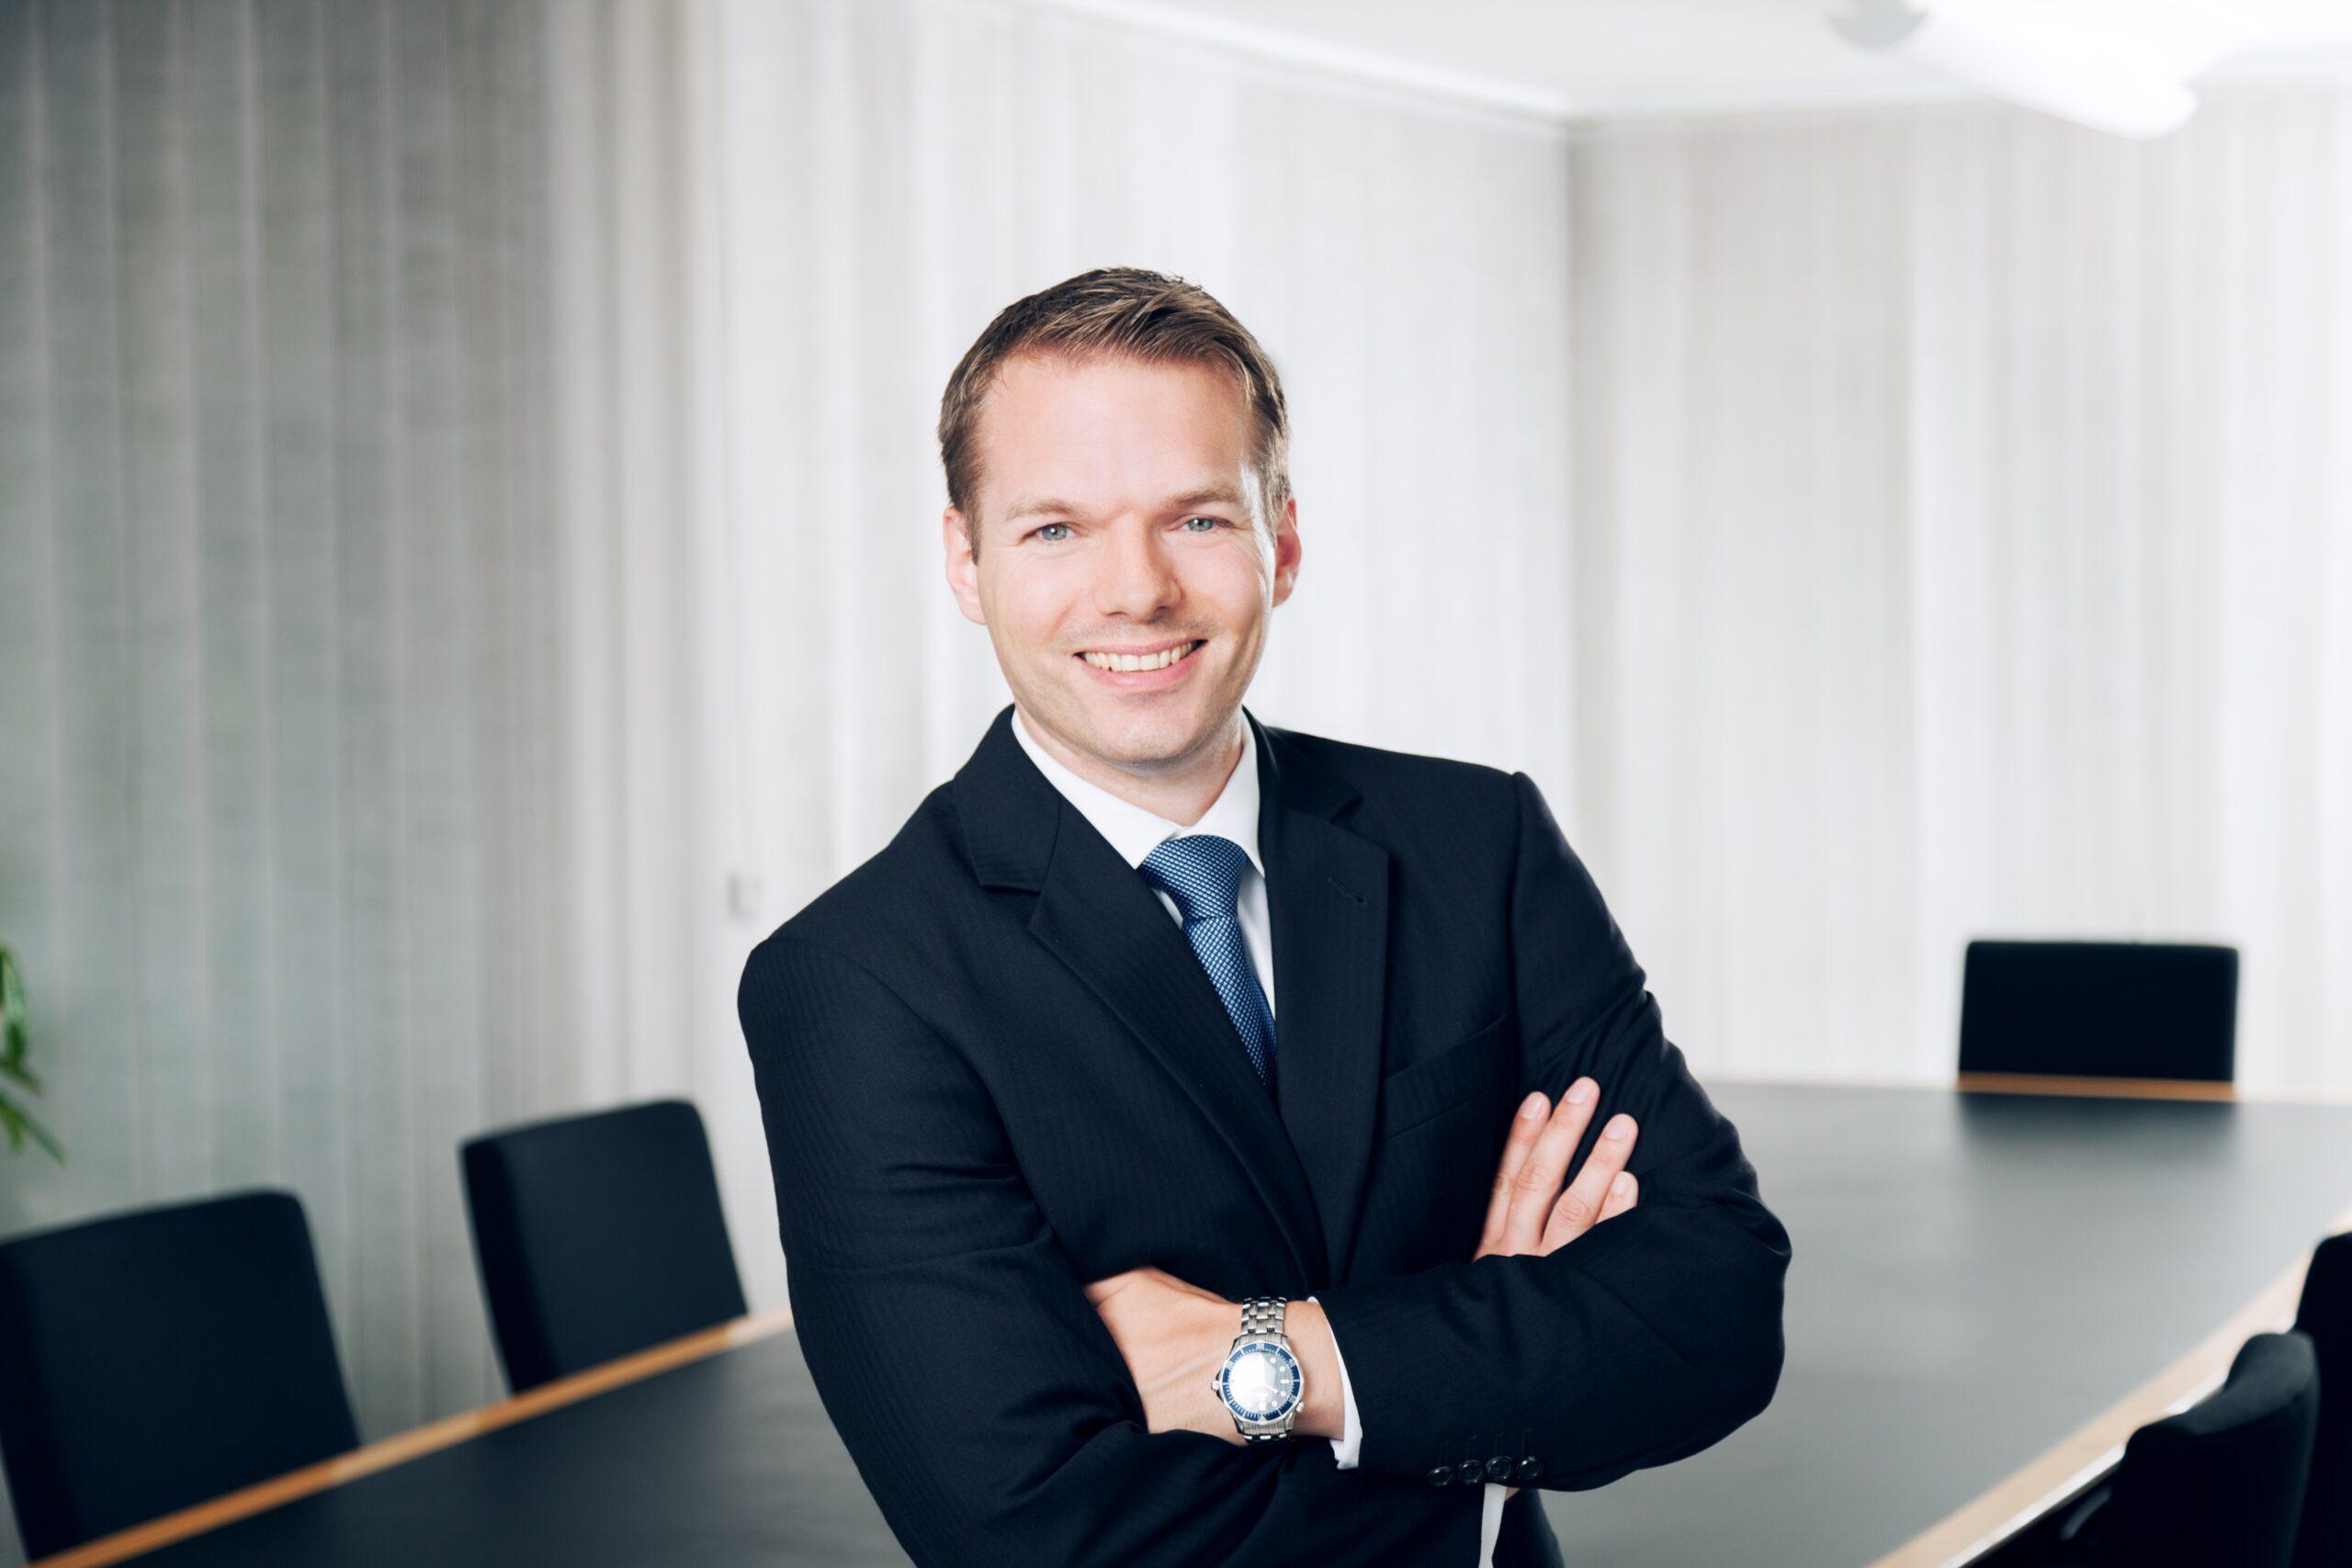 Florian A. Gloßner